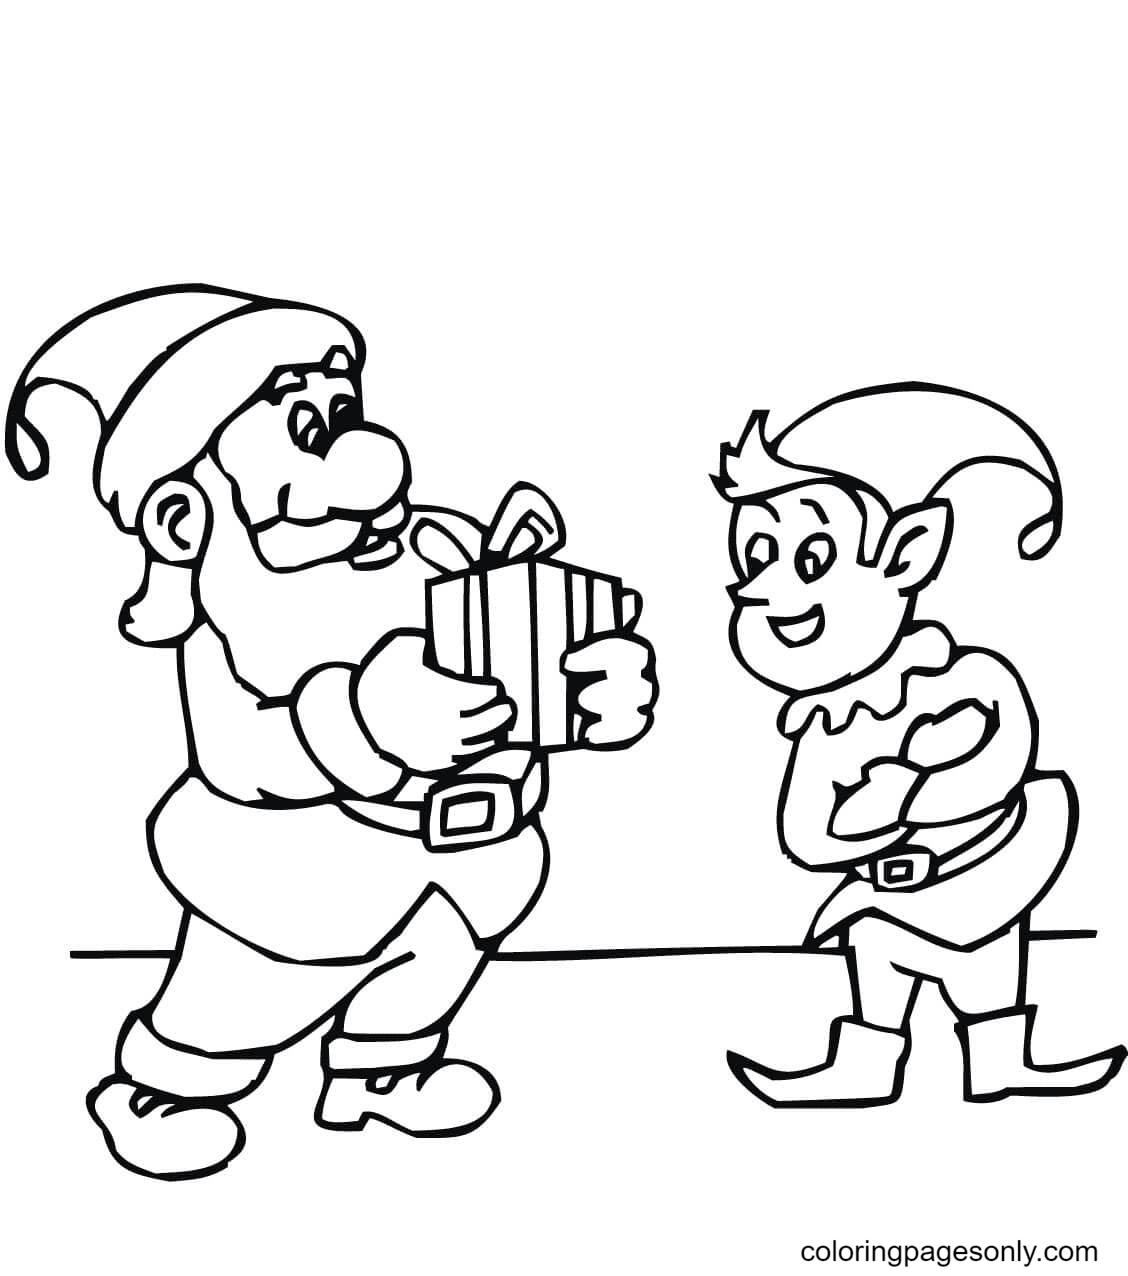 Elf with Santa Coloring Page